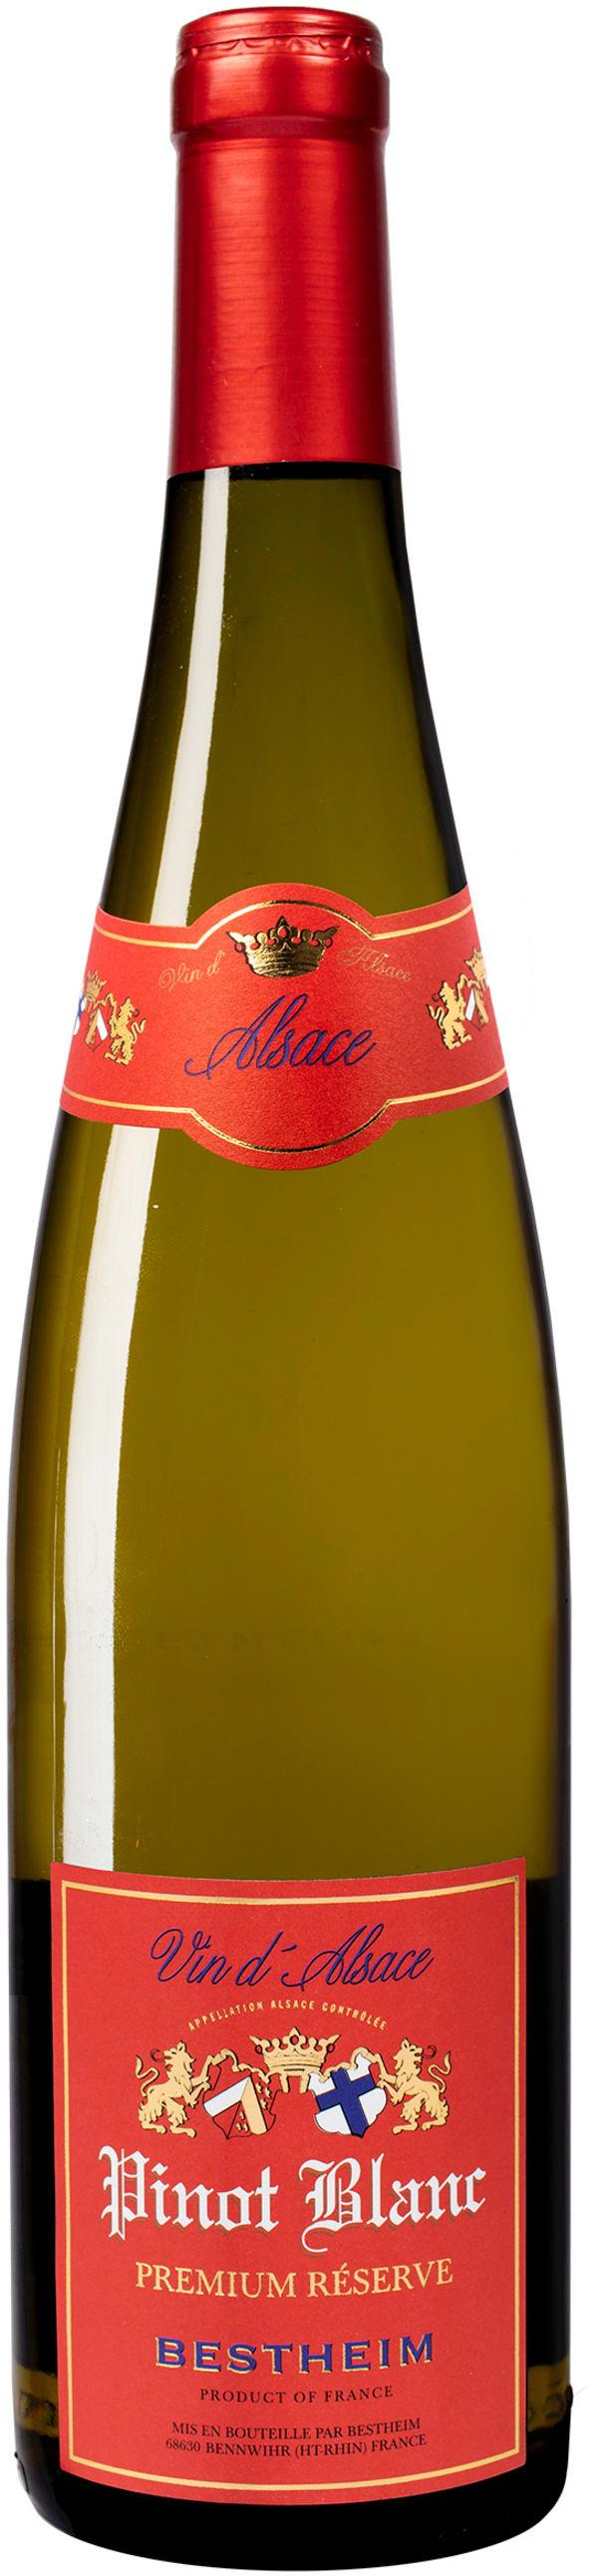 Bestheim Pinot Blanc Classic 2017